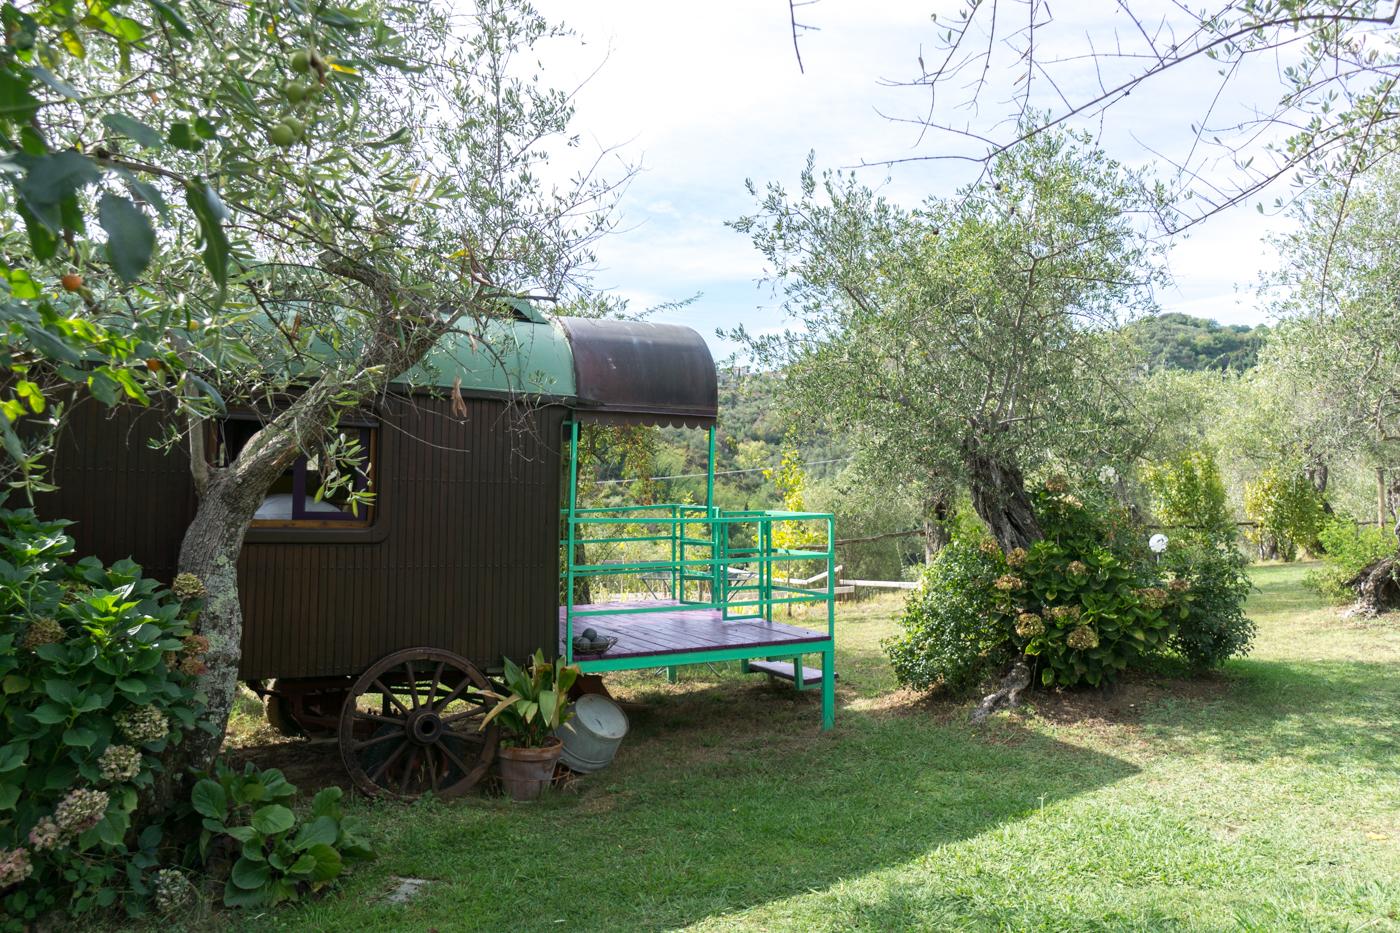 Caravane tzigane - Azienda Agricola Della Mezzaluna - Où dormir en Italie